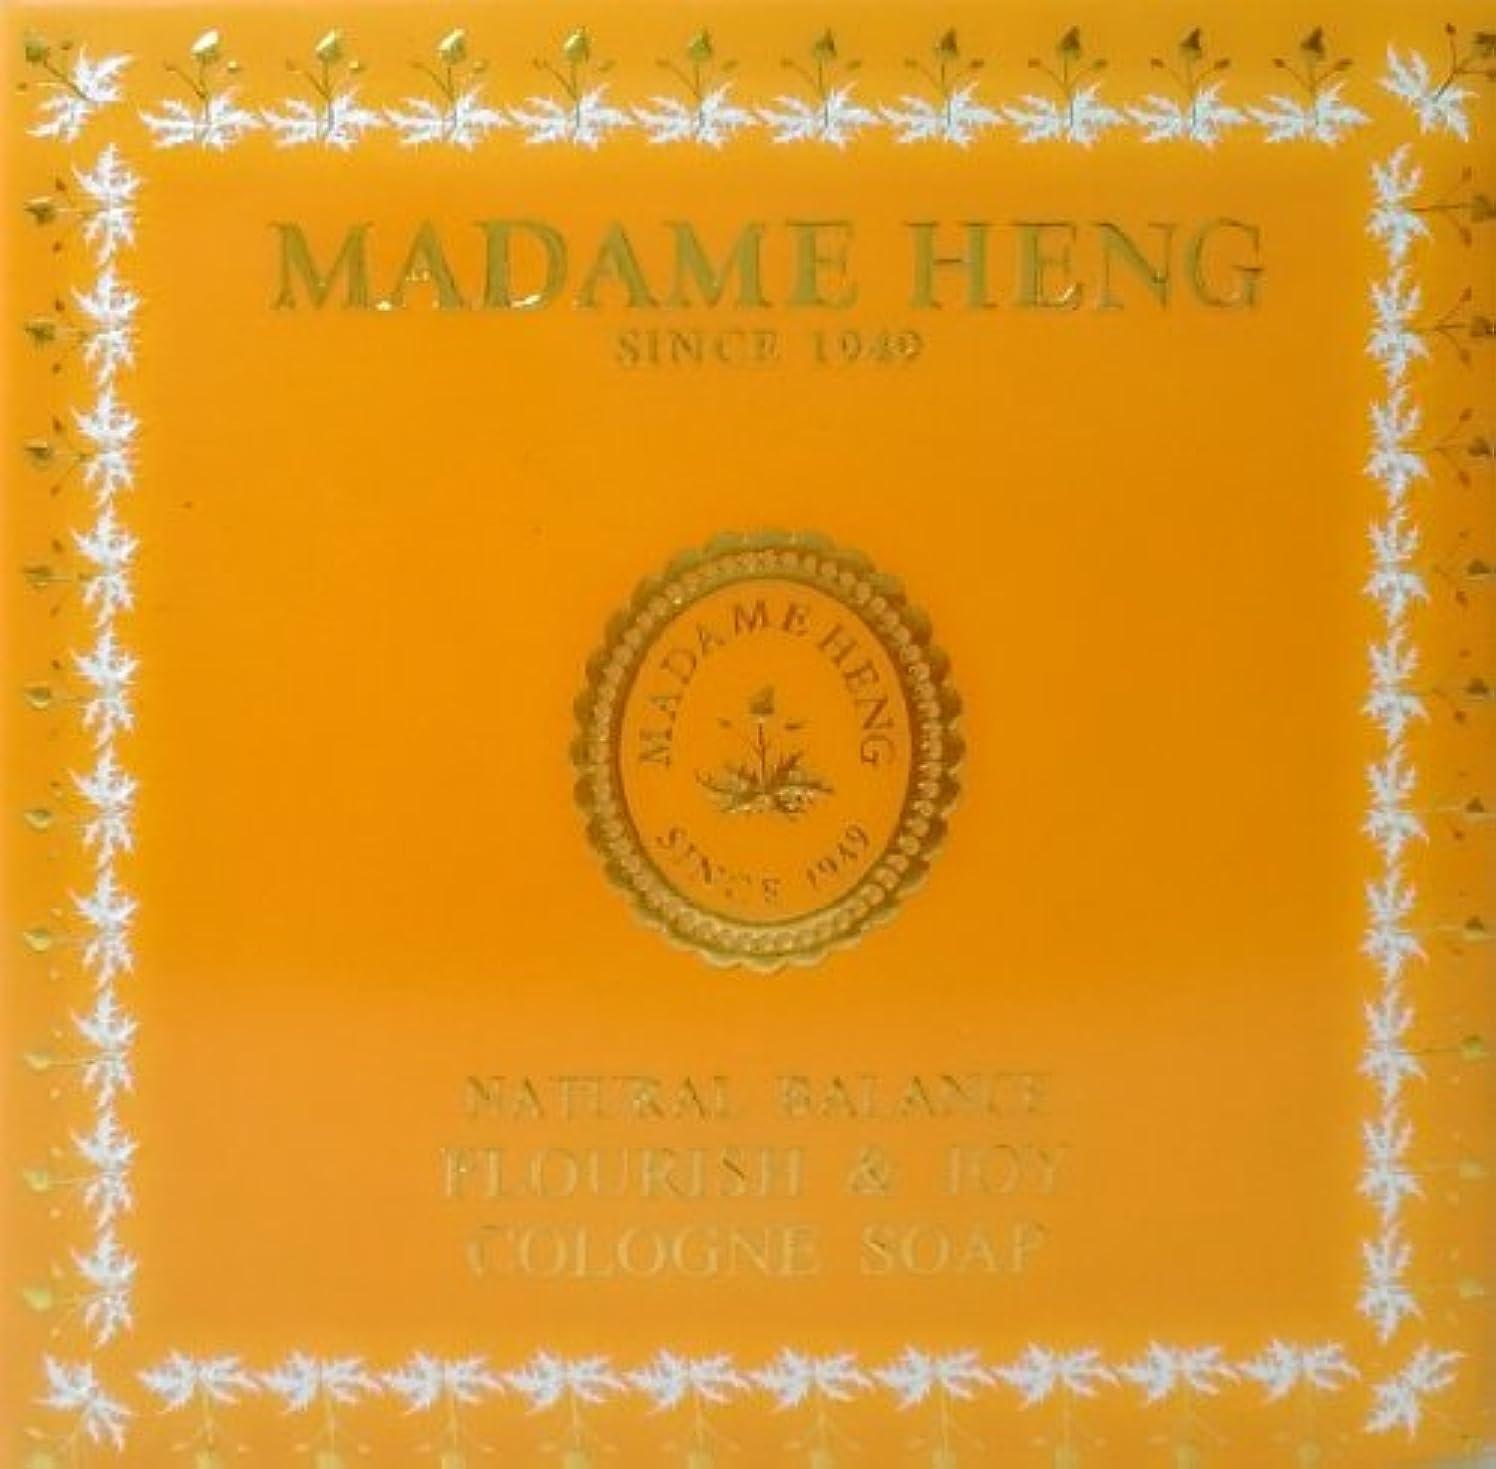 心理的に精神的に睡眠MADAME HENG NATURAL BALANCE FLOURISH & JOY COLOGNE SOAP